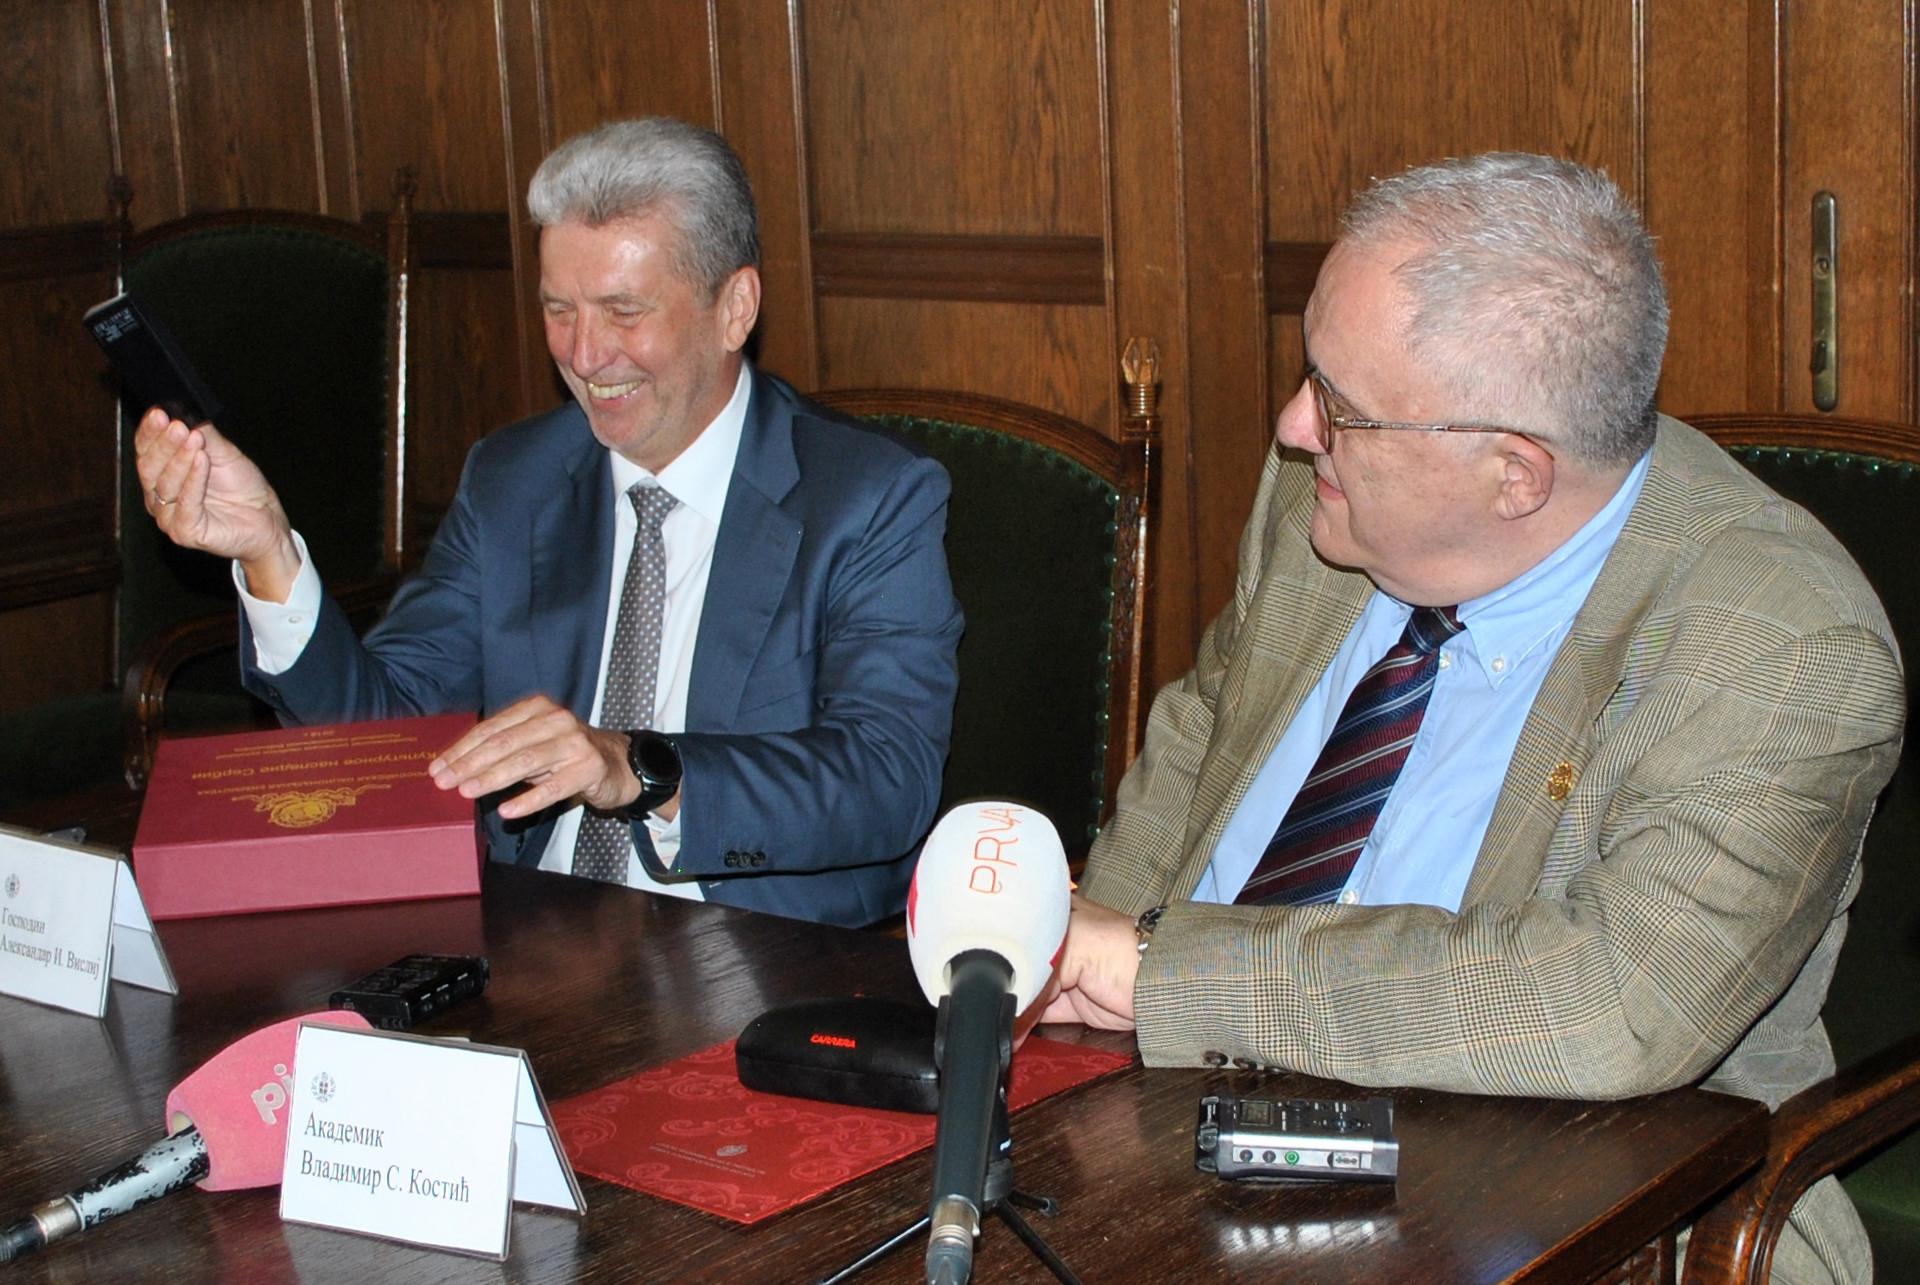 Александар Вислиј и Владимир С. Костић